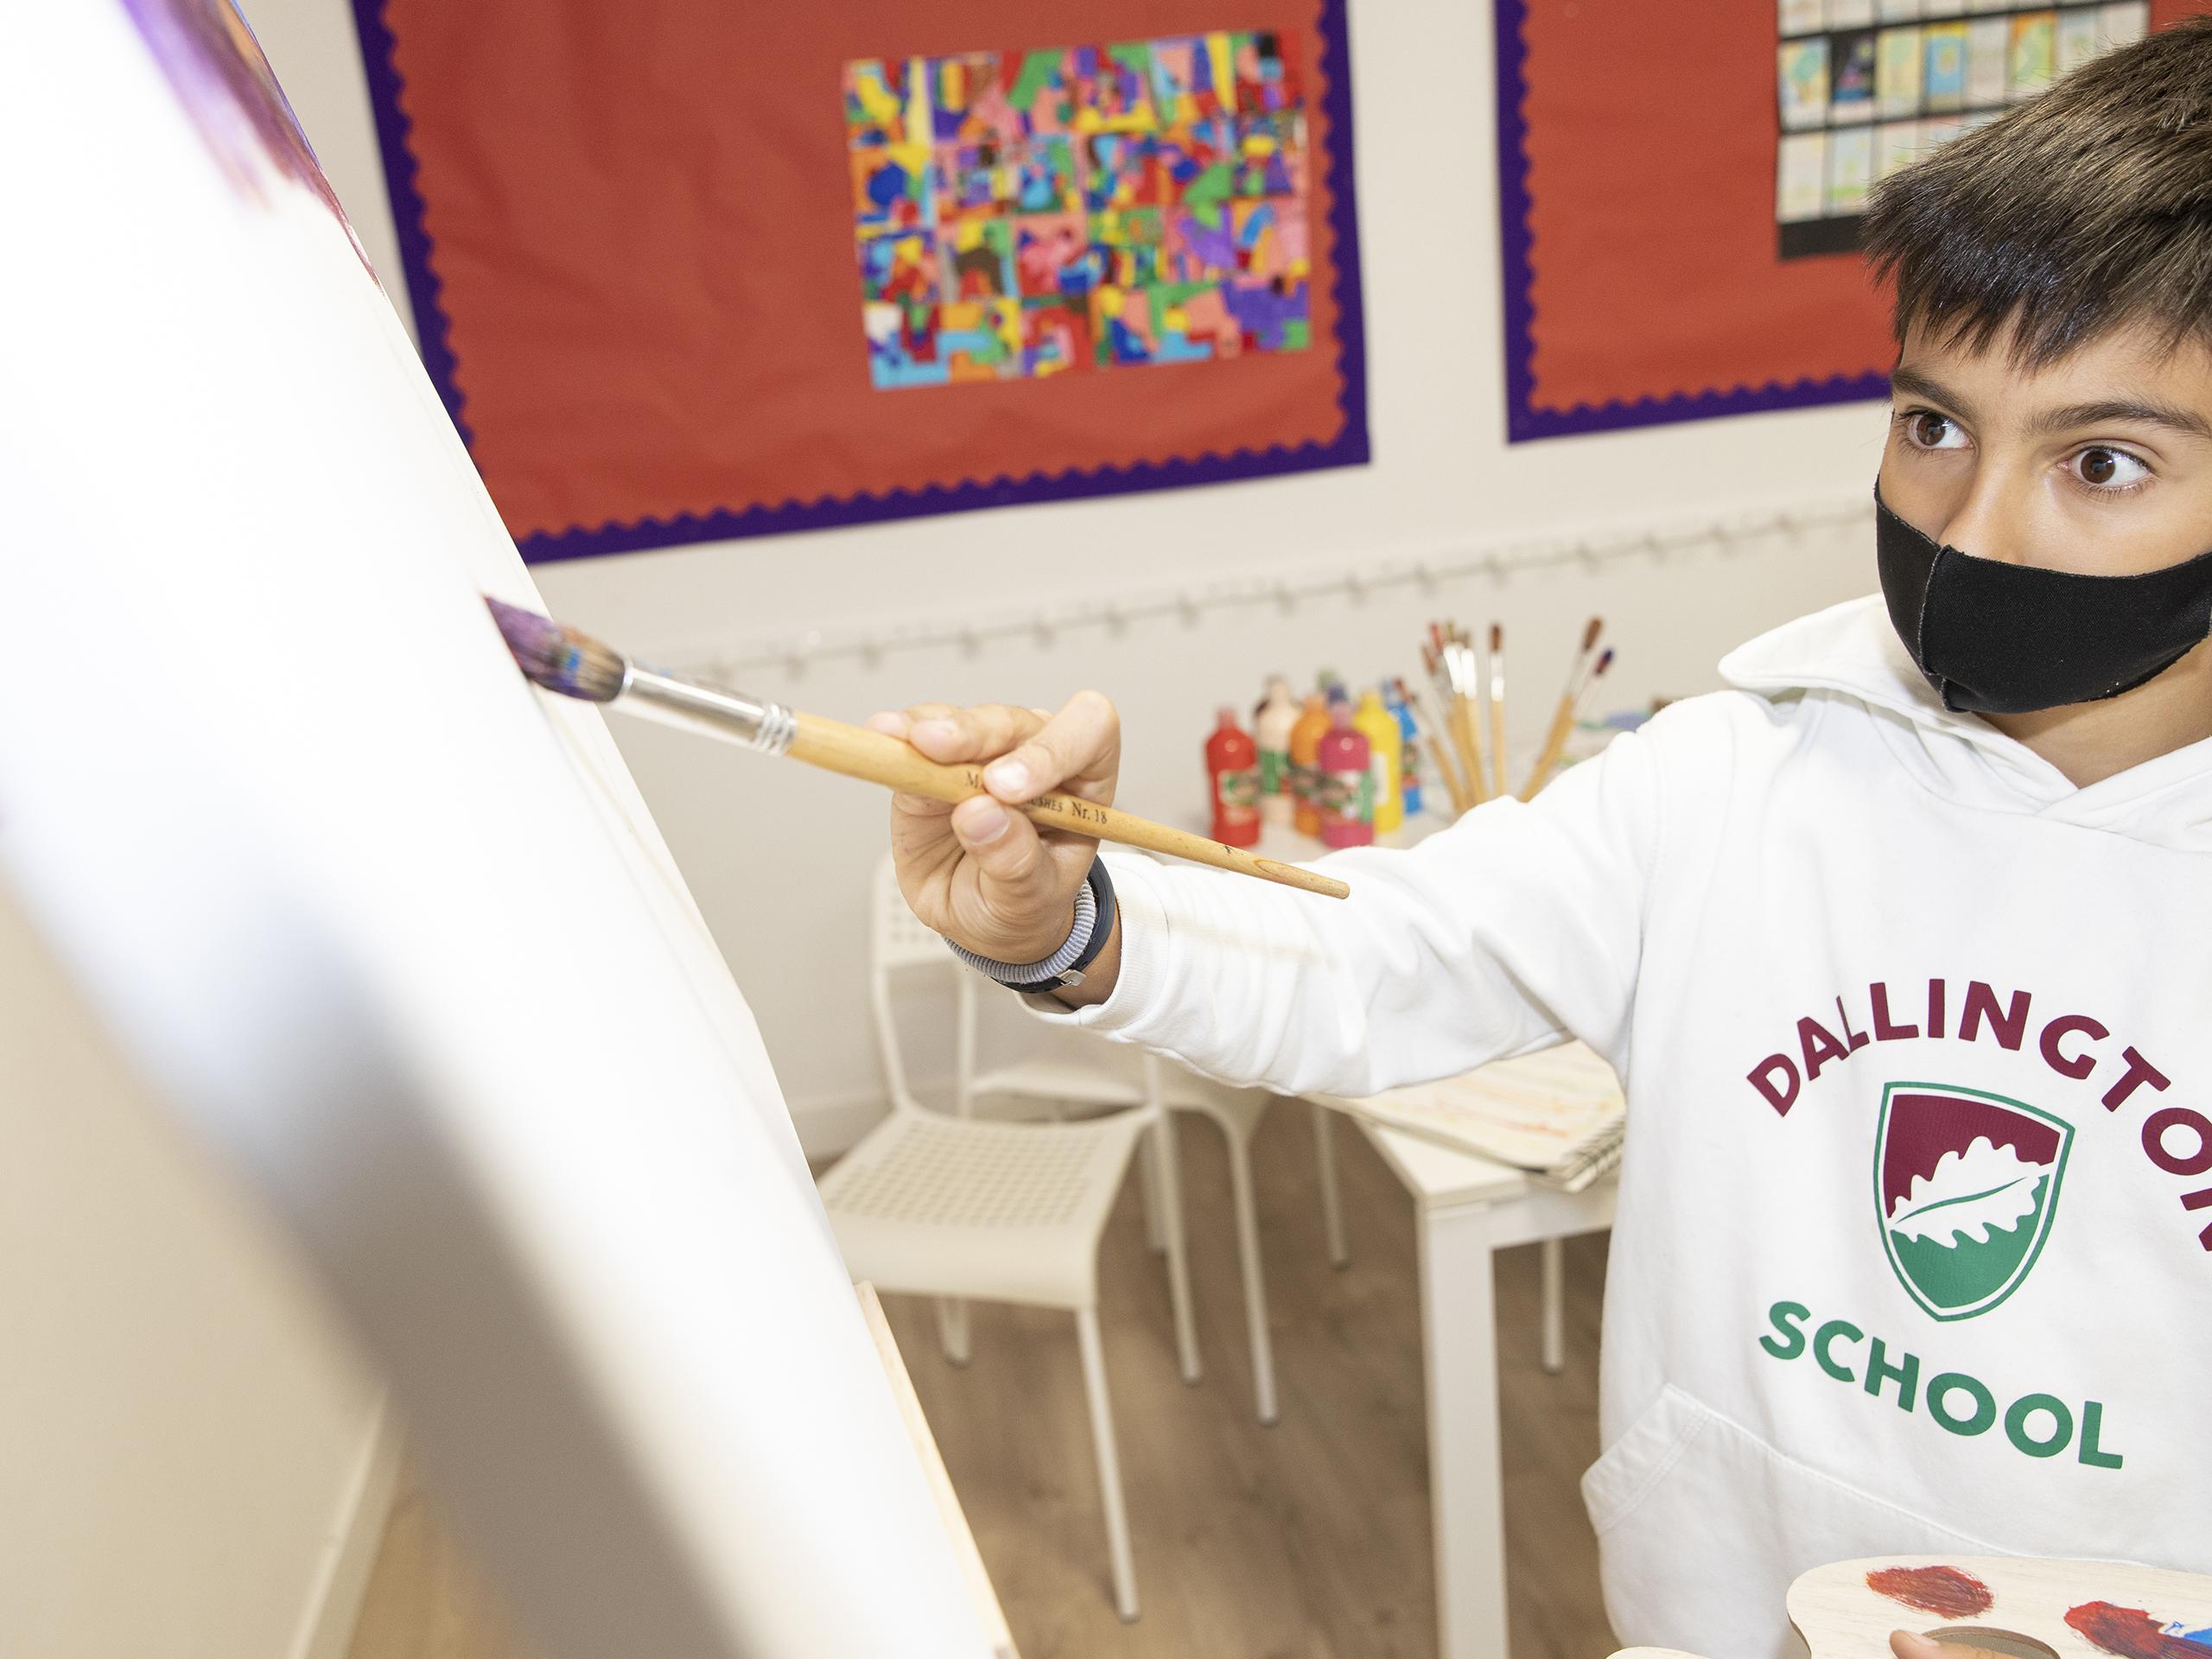 primaria-secundaria-dallington-school-11